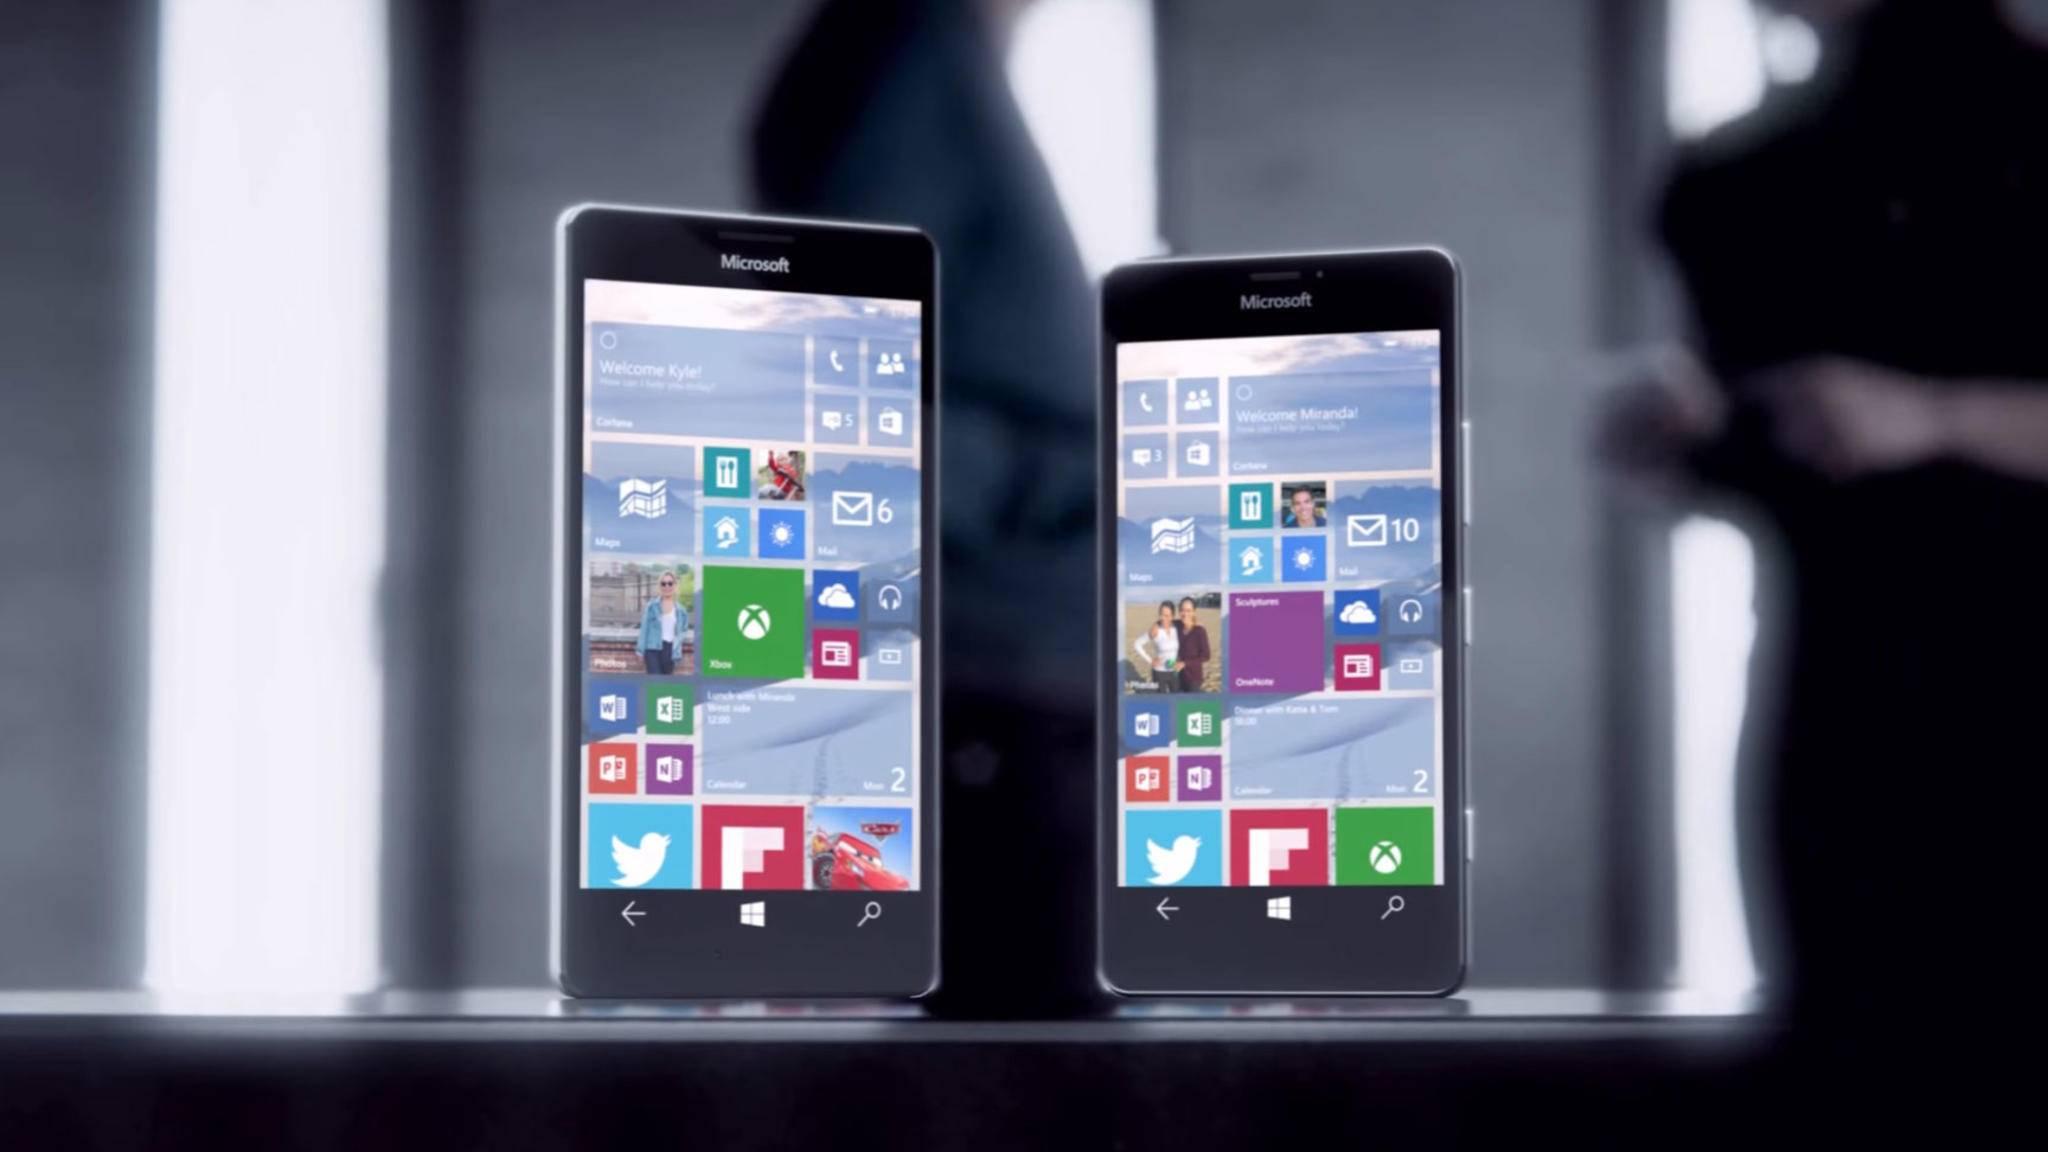 Erwartet uns bald ein neues Smartphone von Microsoft?